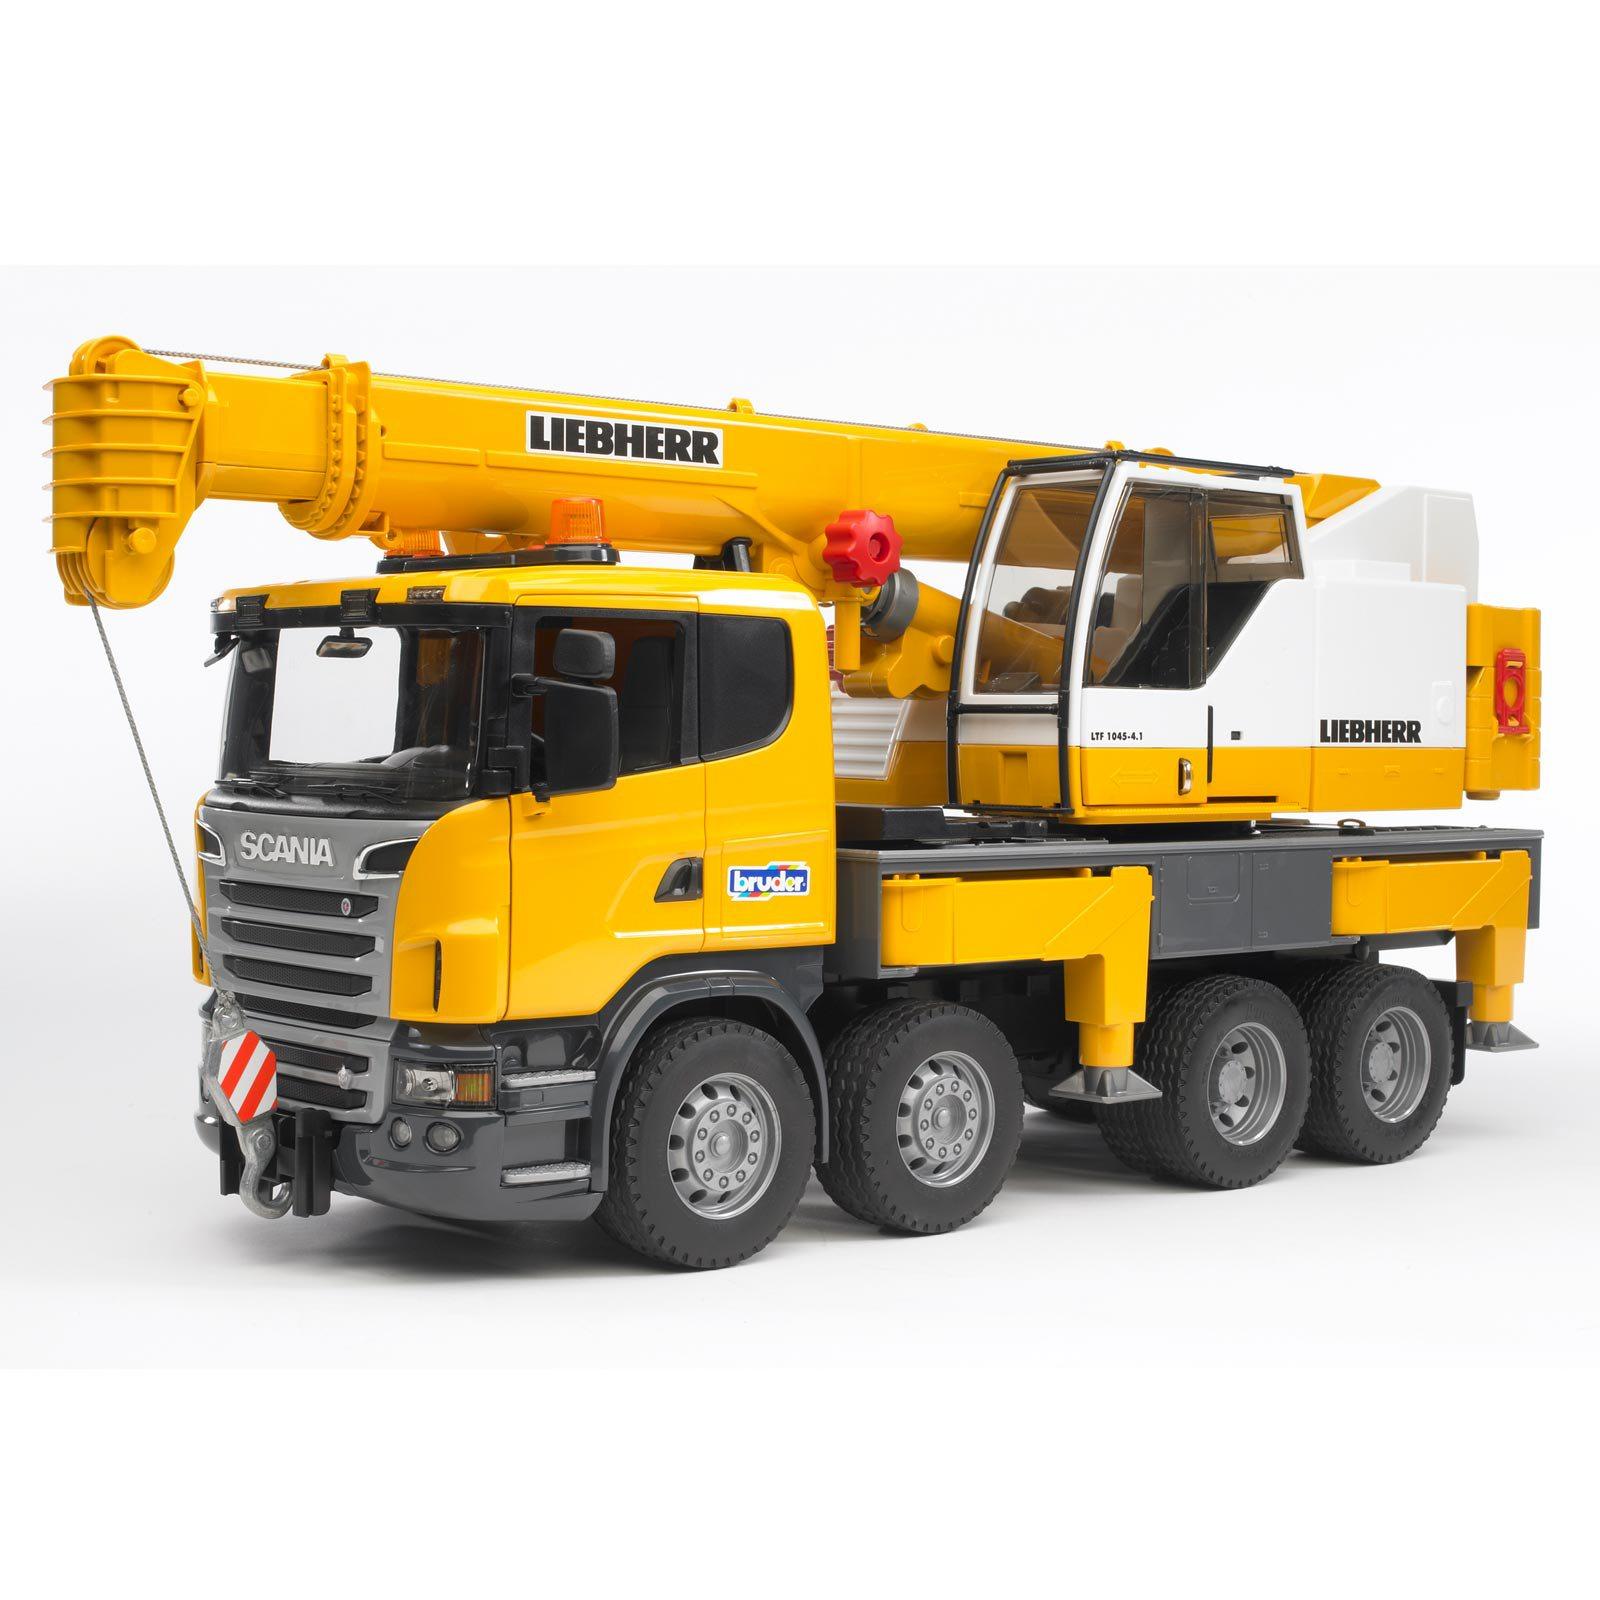 Scania Liebherr camion grue